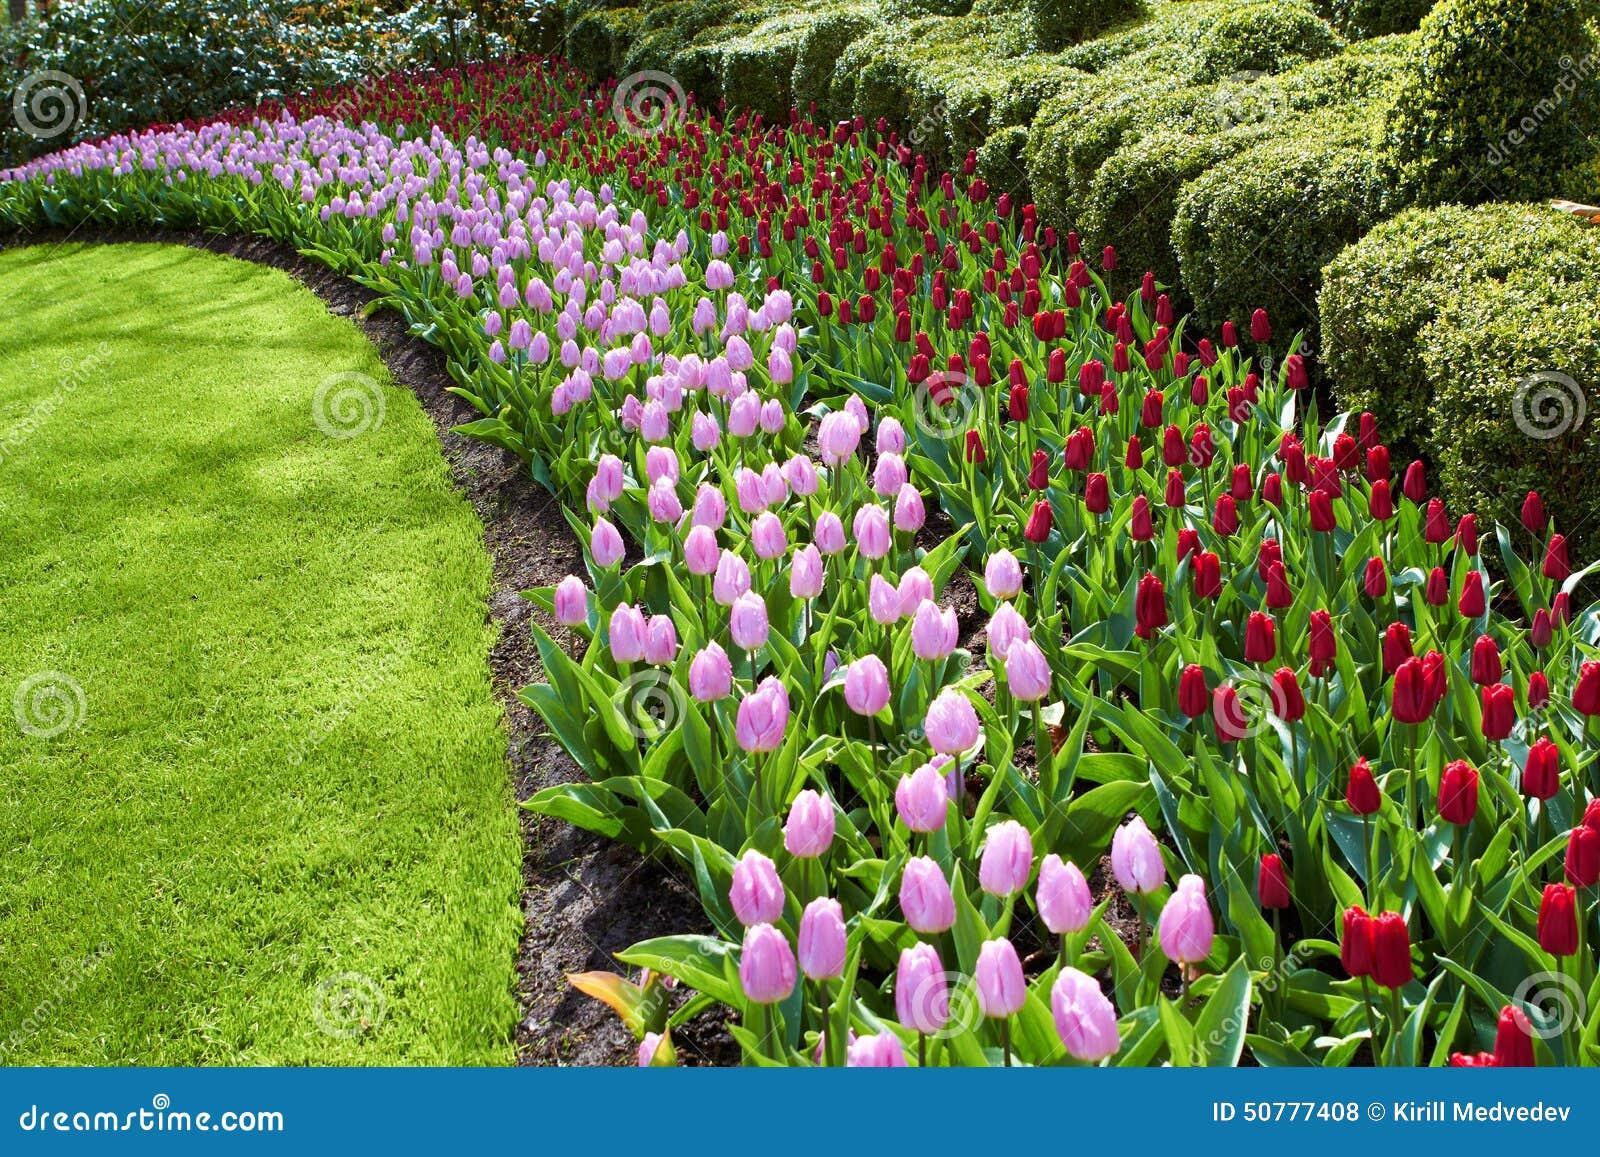 Ondas del parque natural de los jardines de keukenhof de tulipanes rojos y rosados foto de - Jardines de tulipanes en holanda ...